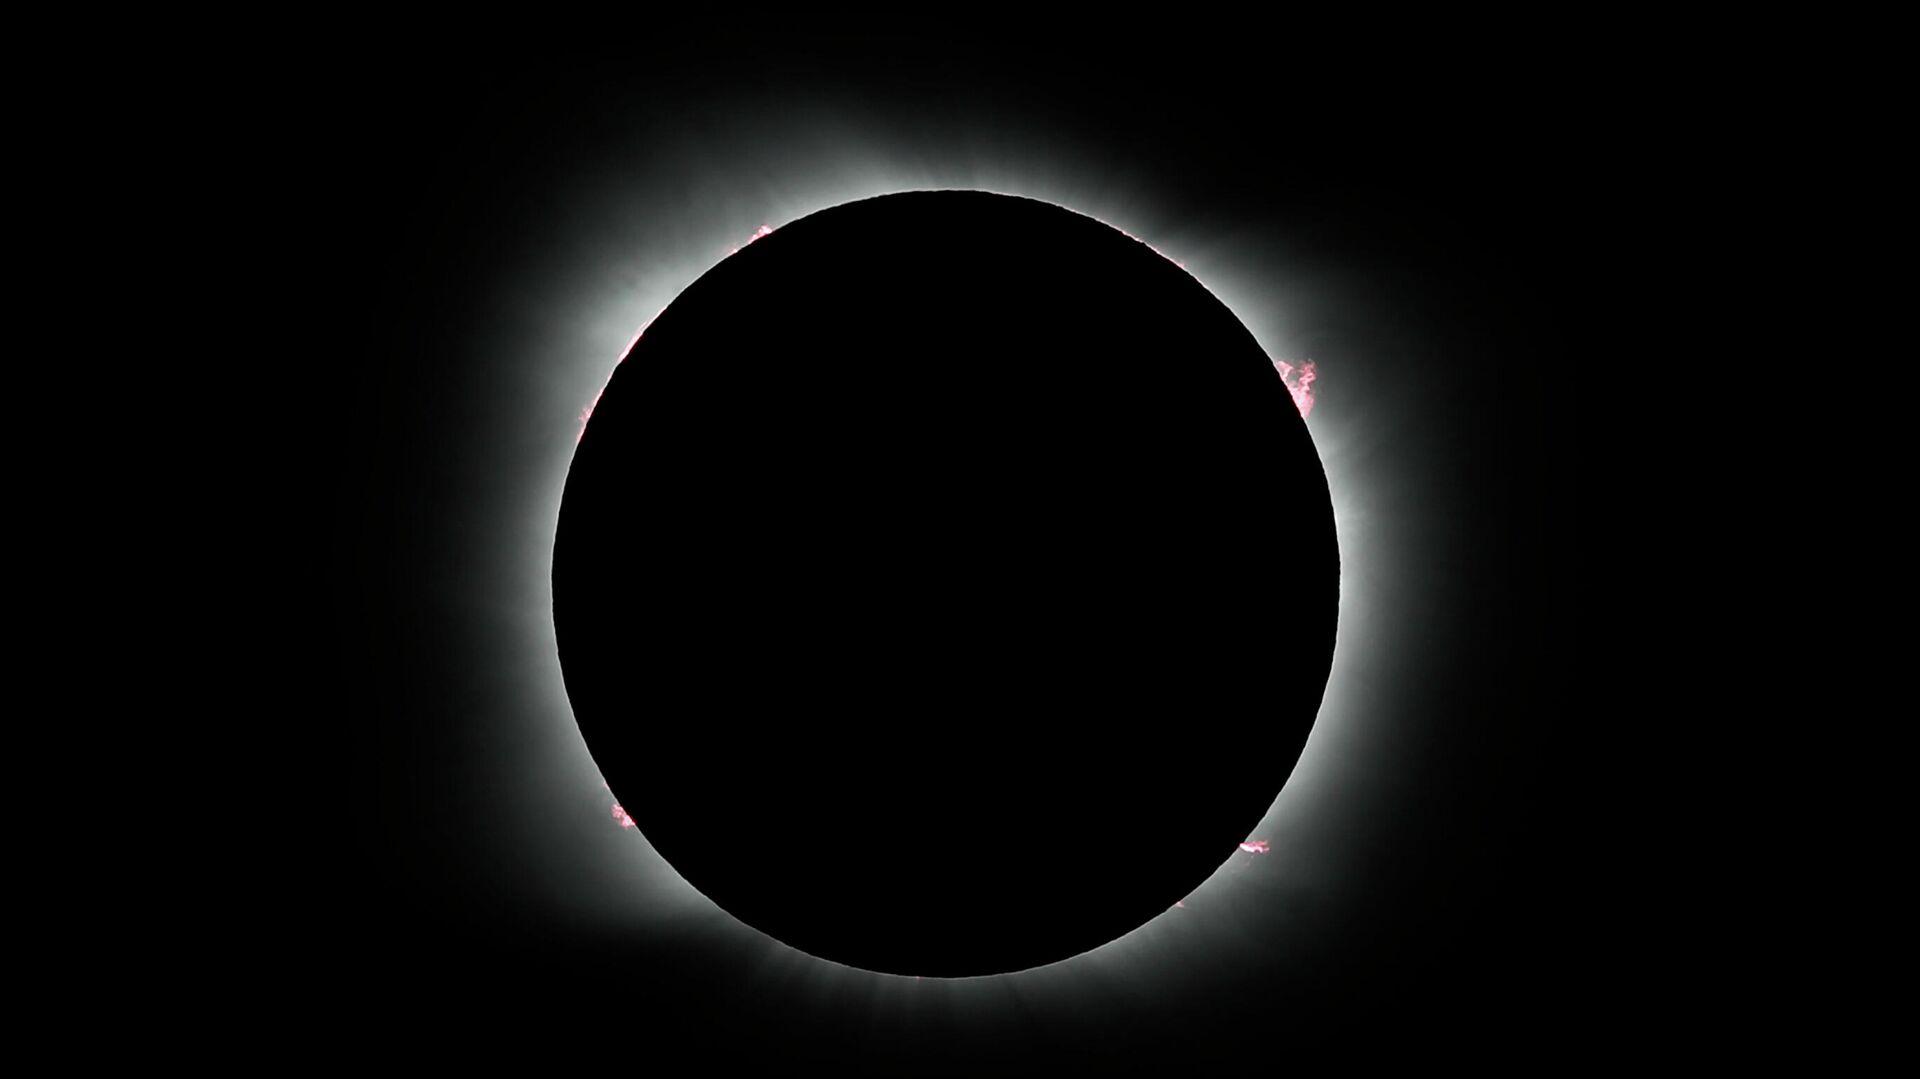 Астроном рассказал, когда в Москве будет видно полное лунное затмение